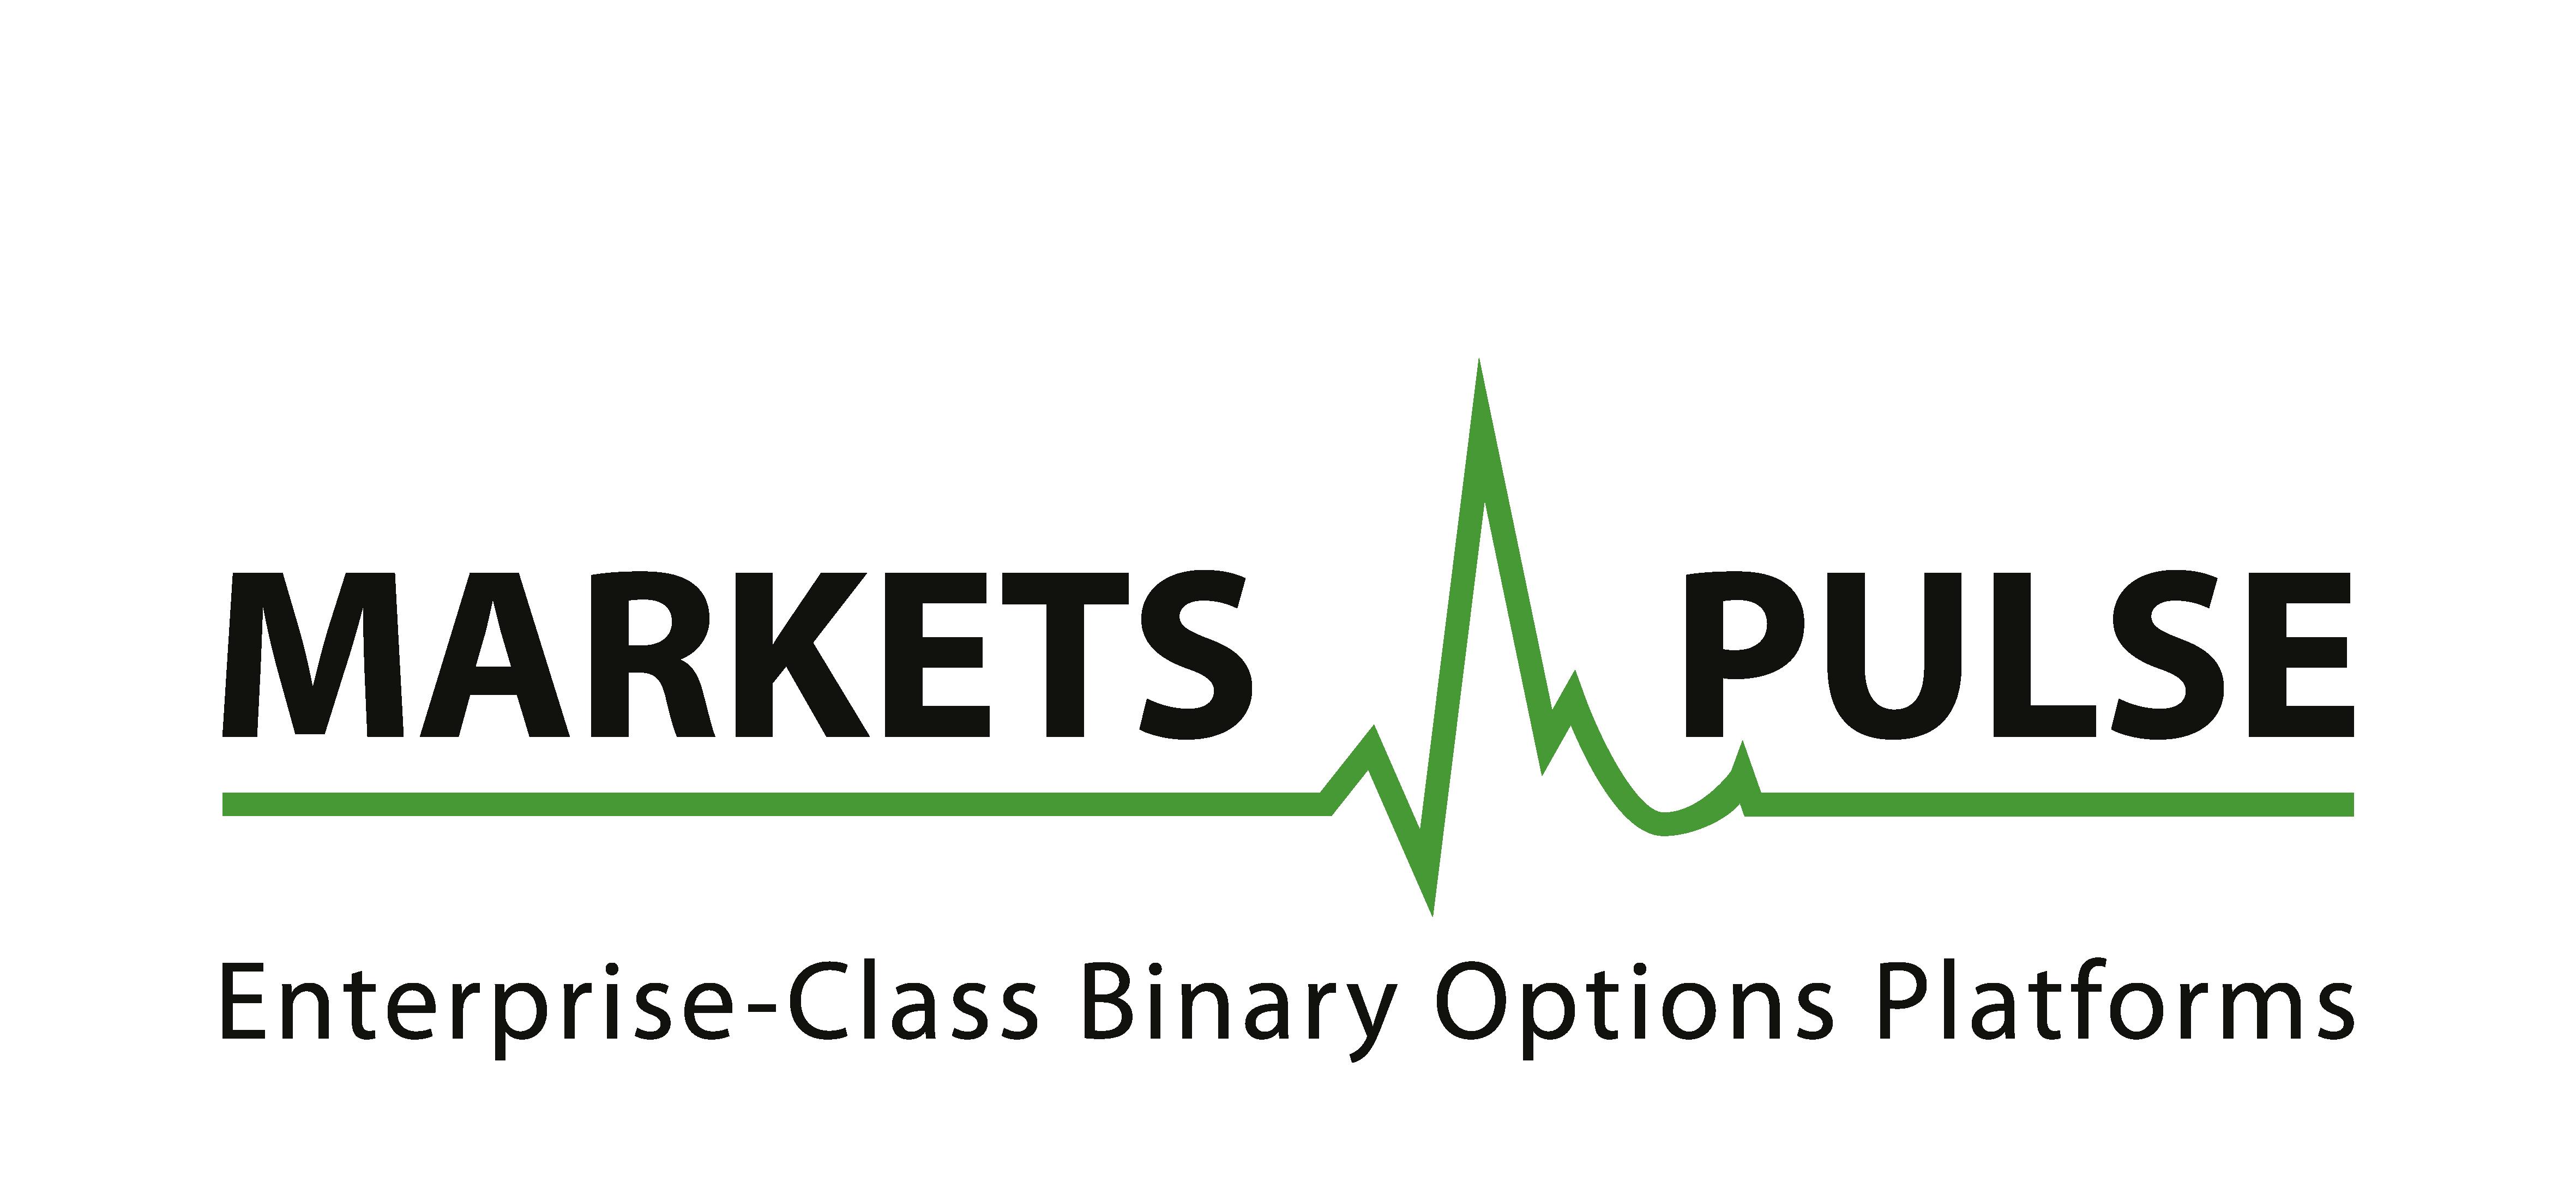 Binary options technology